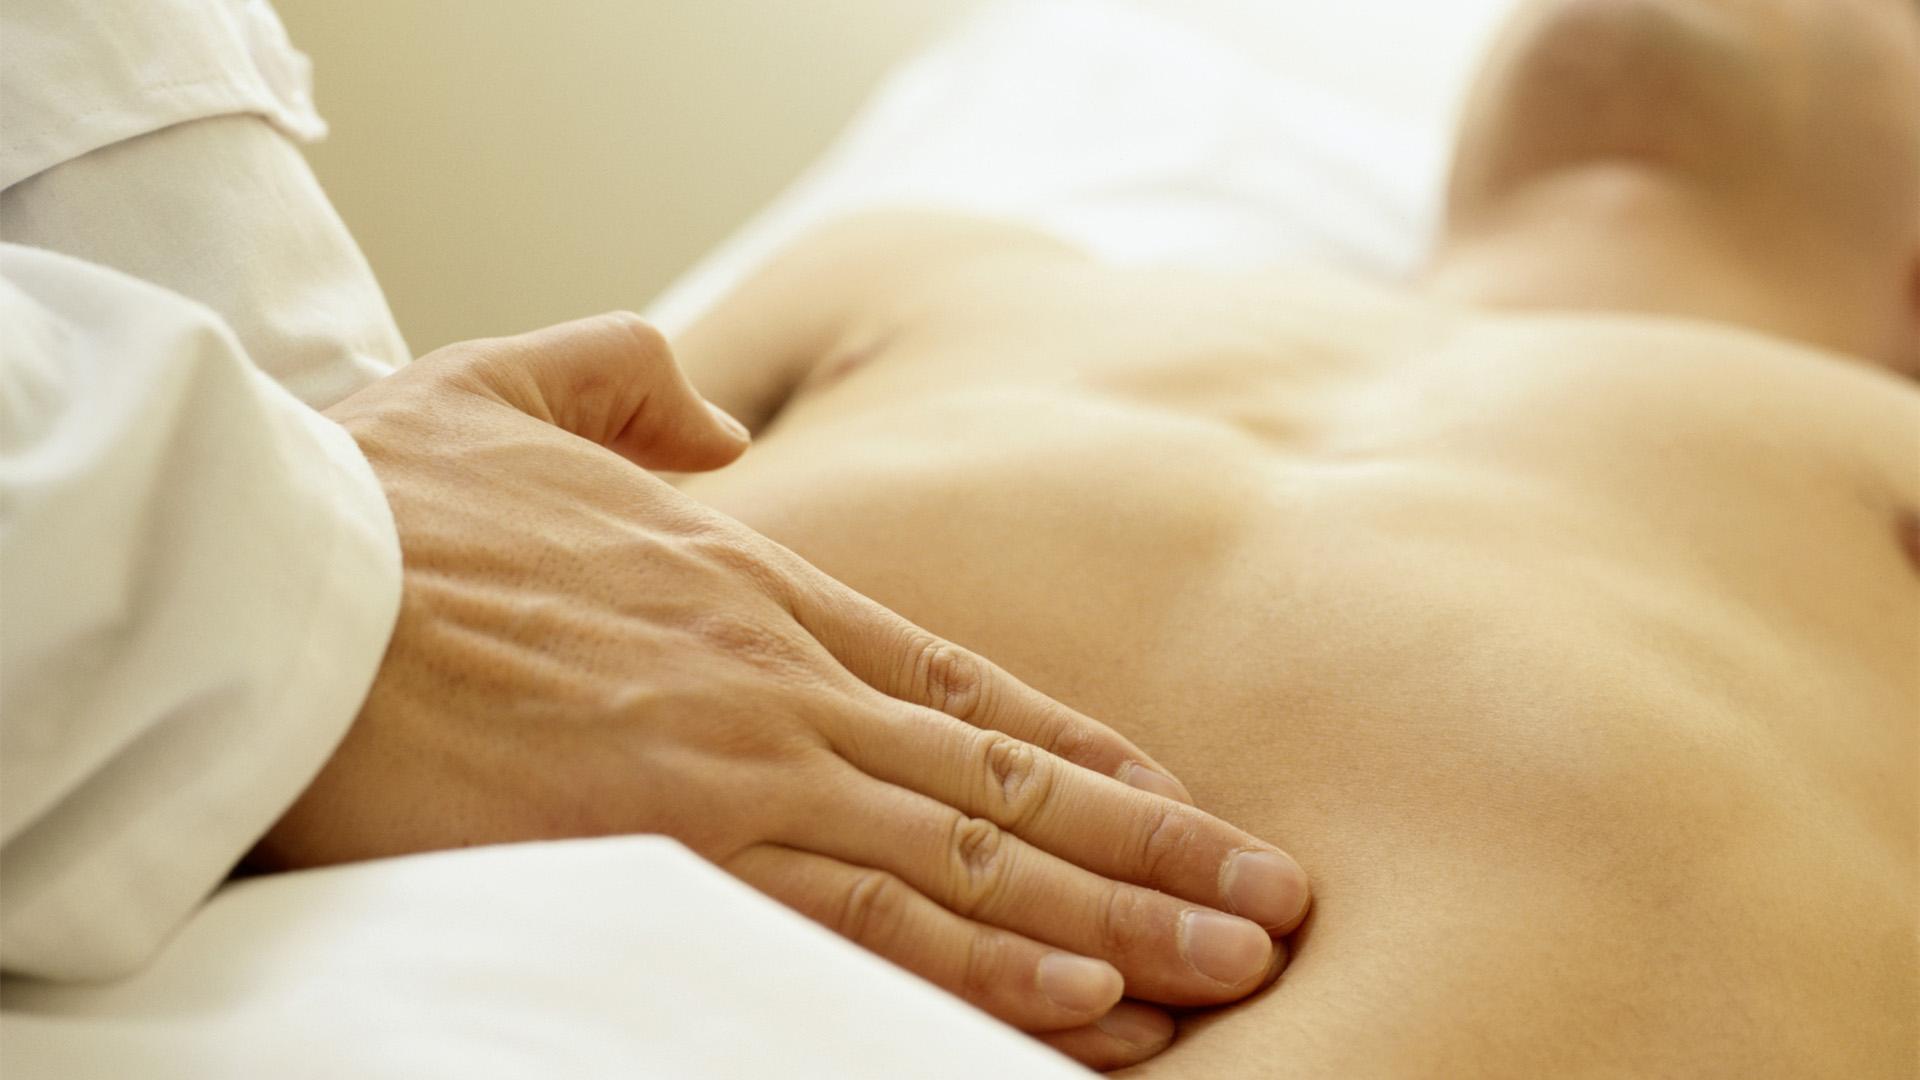 Antes de ir al doctor puedes examinarte para verificar la salud de este importante órgano